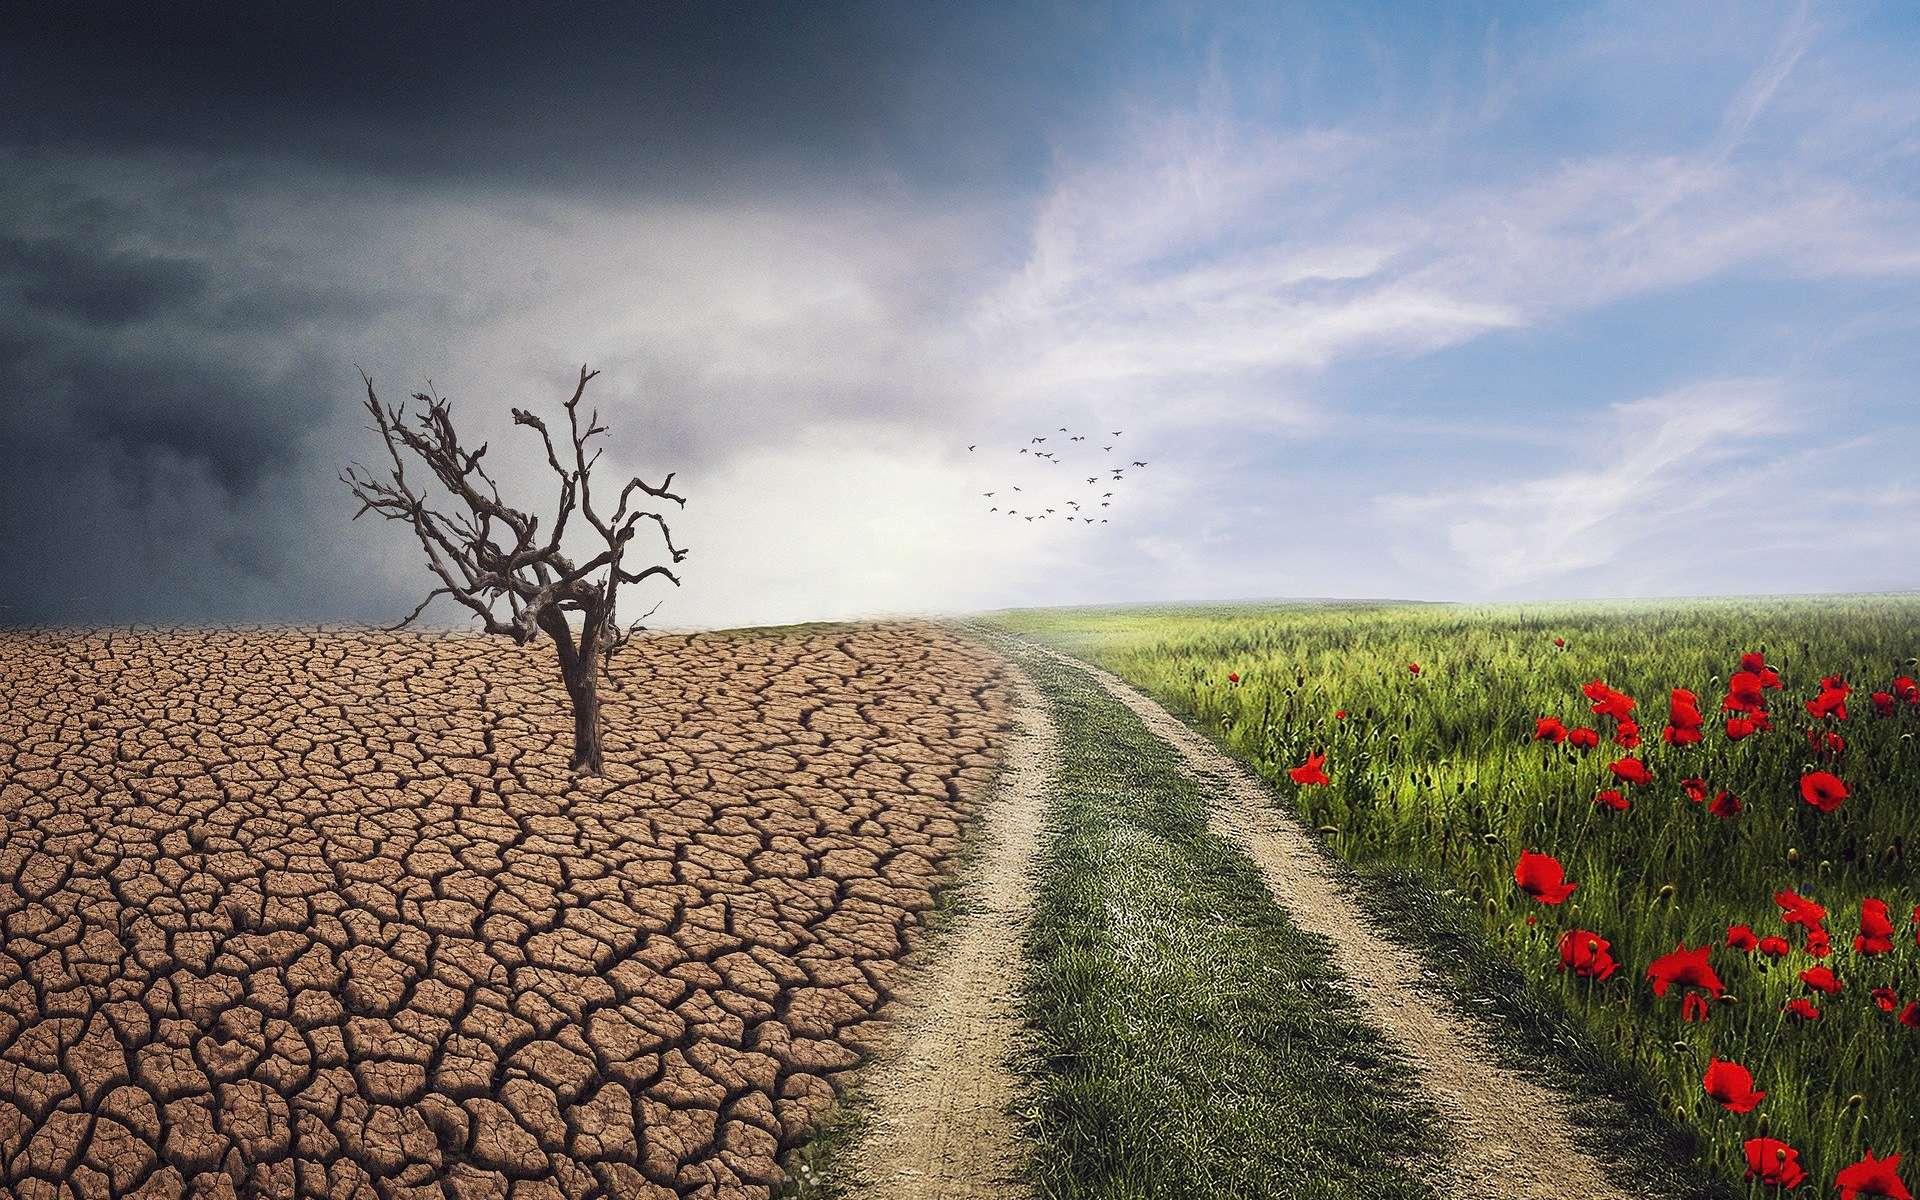 Quels enseignements tirer de la crise du coronavirus pour le changement climatique ? © Enriquelopezgarre, Pixabay, DP